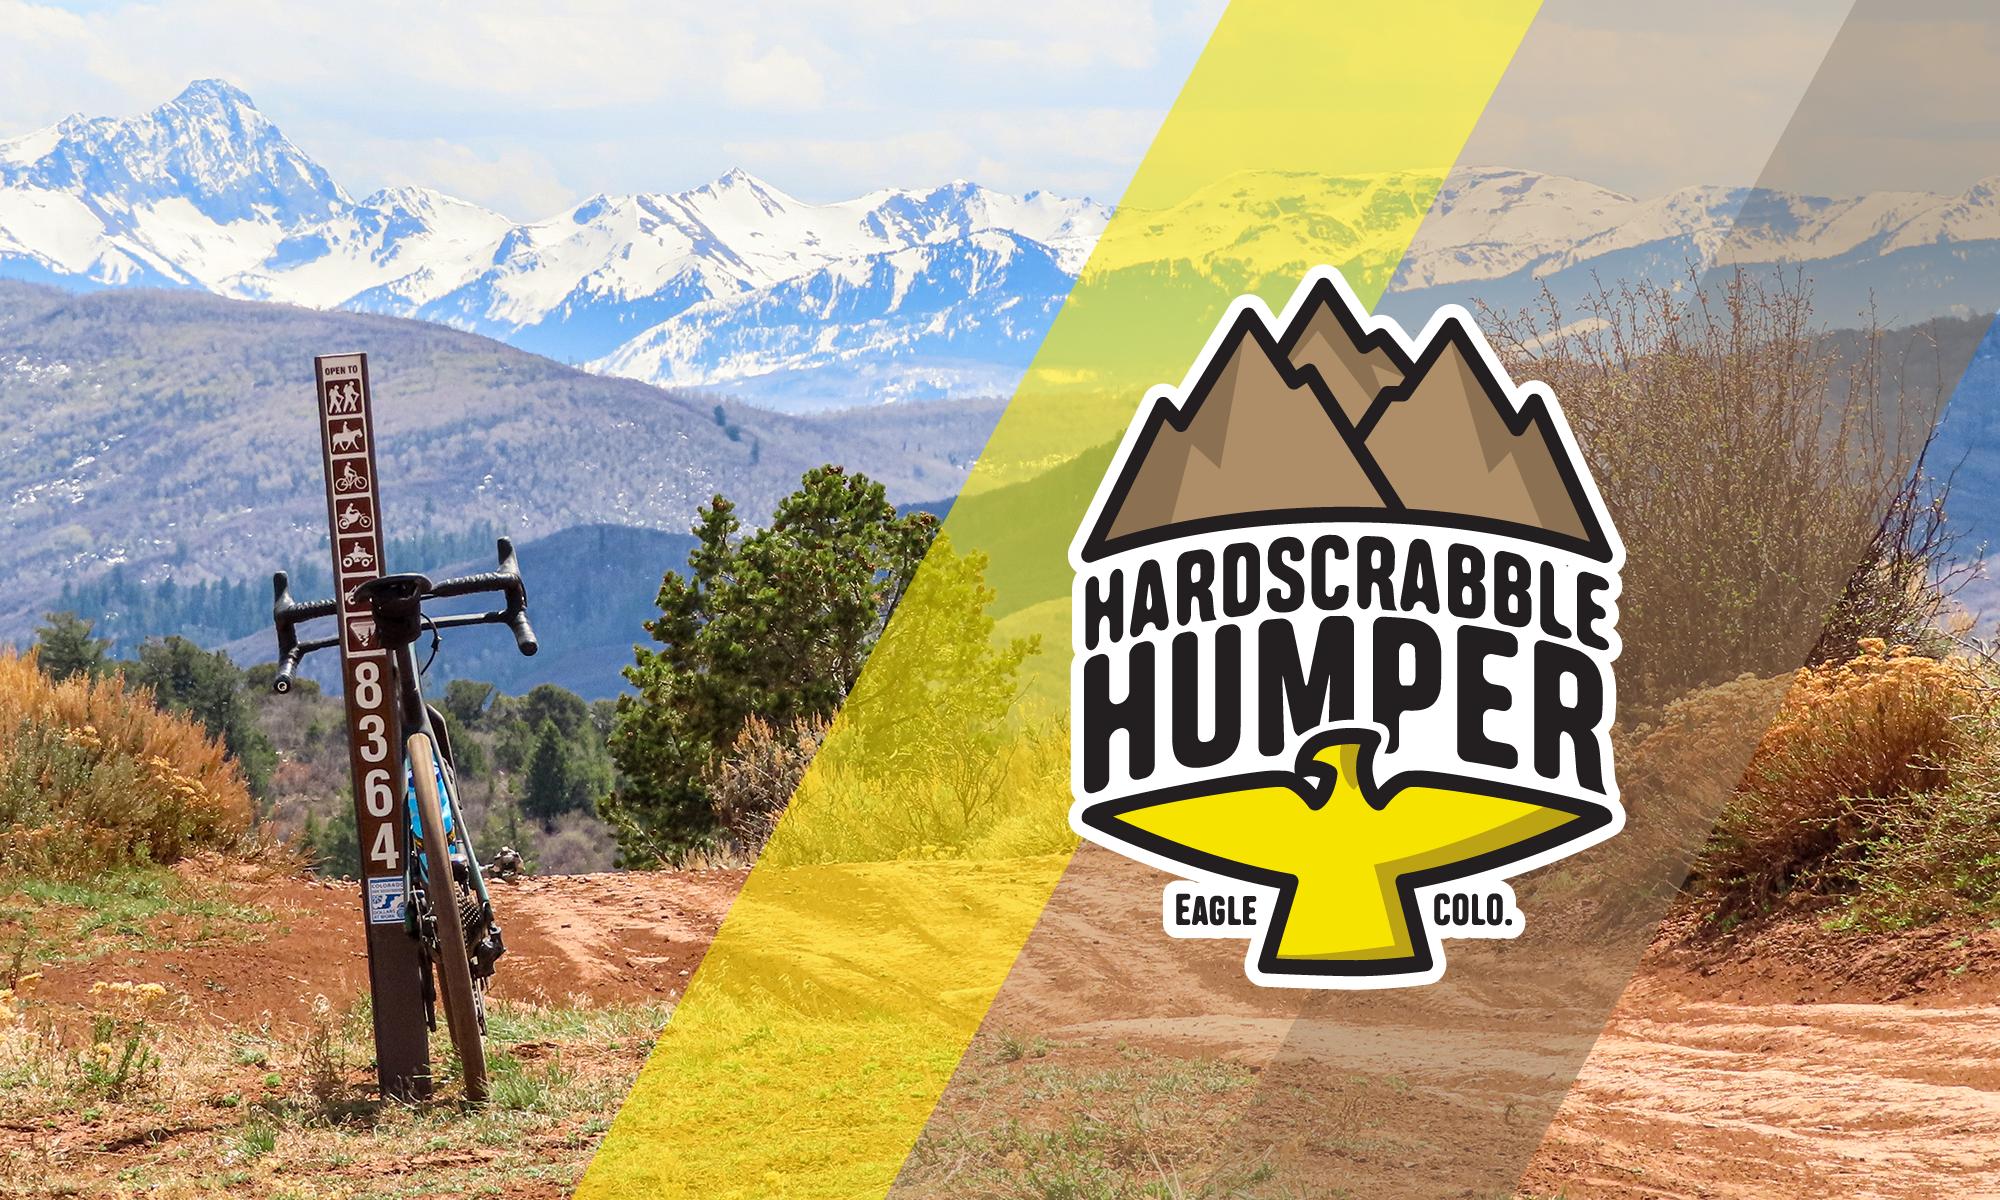 Hardscrabble Humper